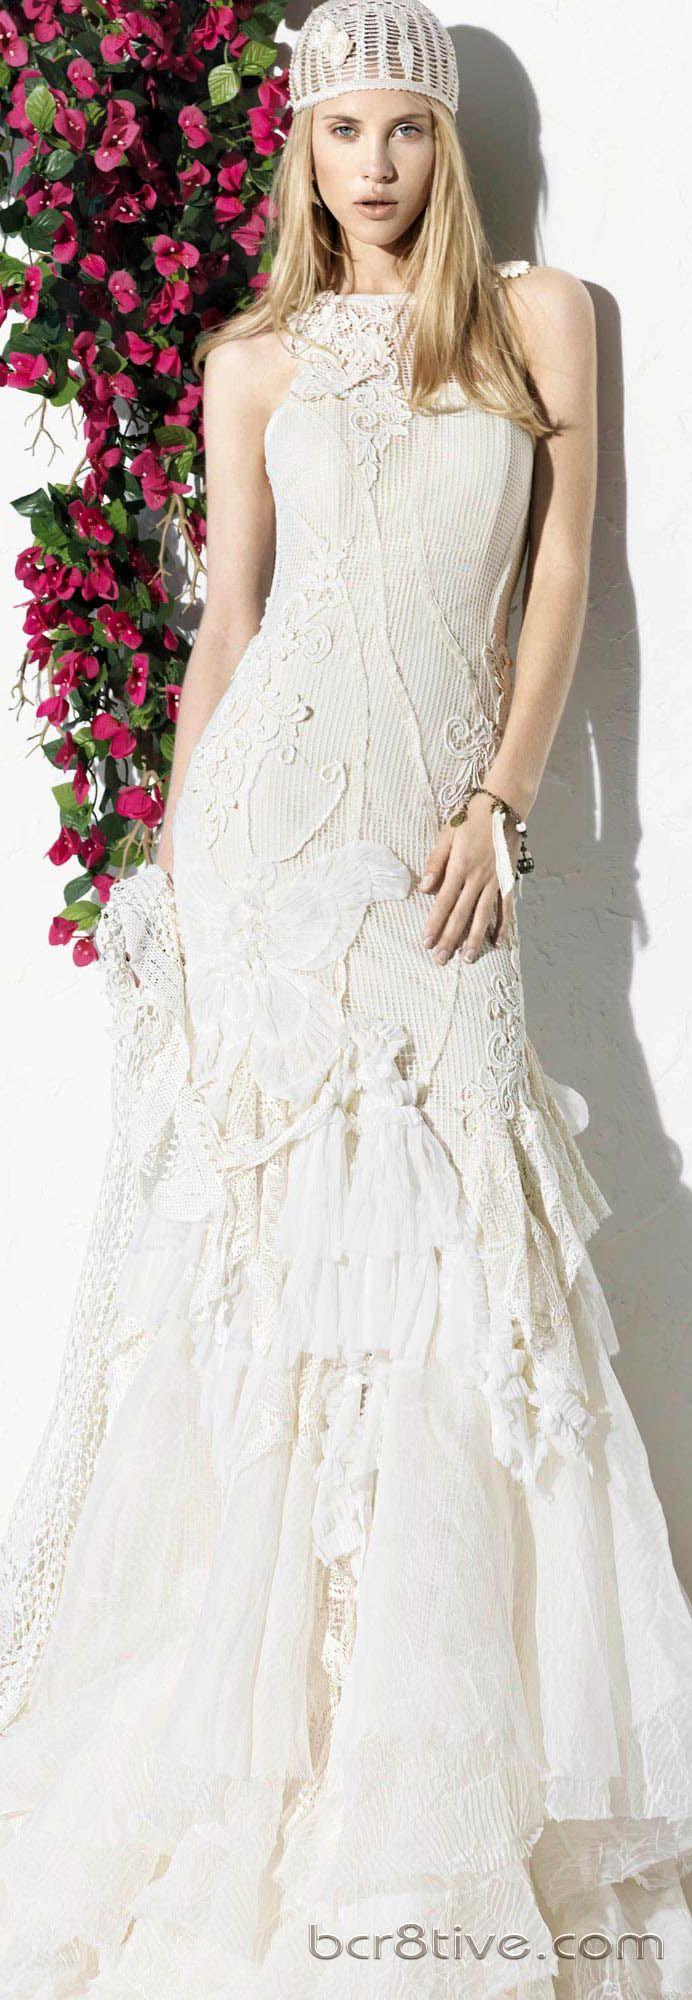 Yolan Cris 2013 Ibiza Bridal Collection   Hochzeitskleid und ...